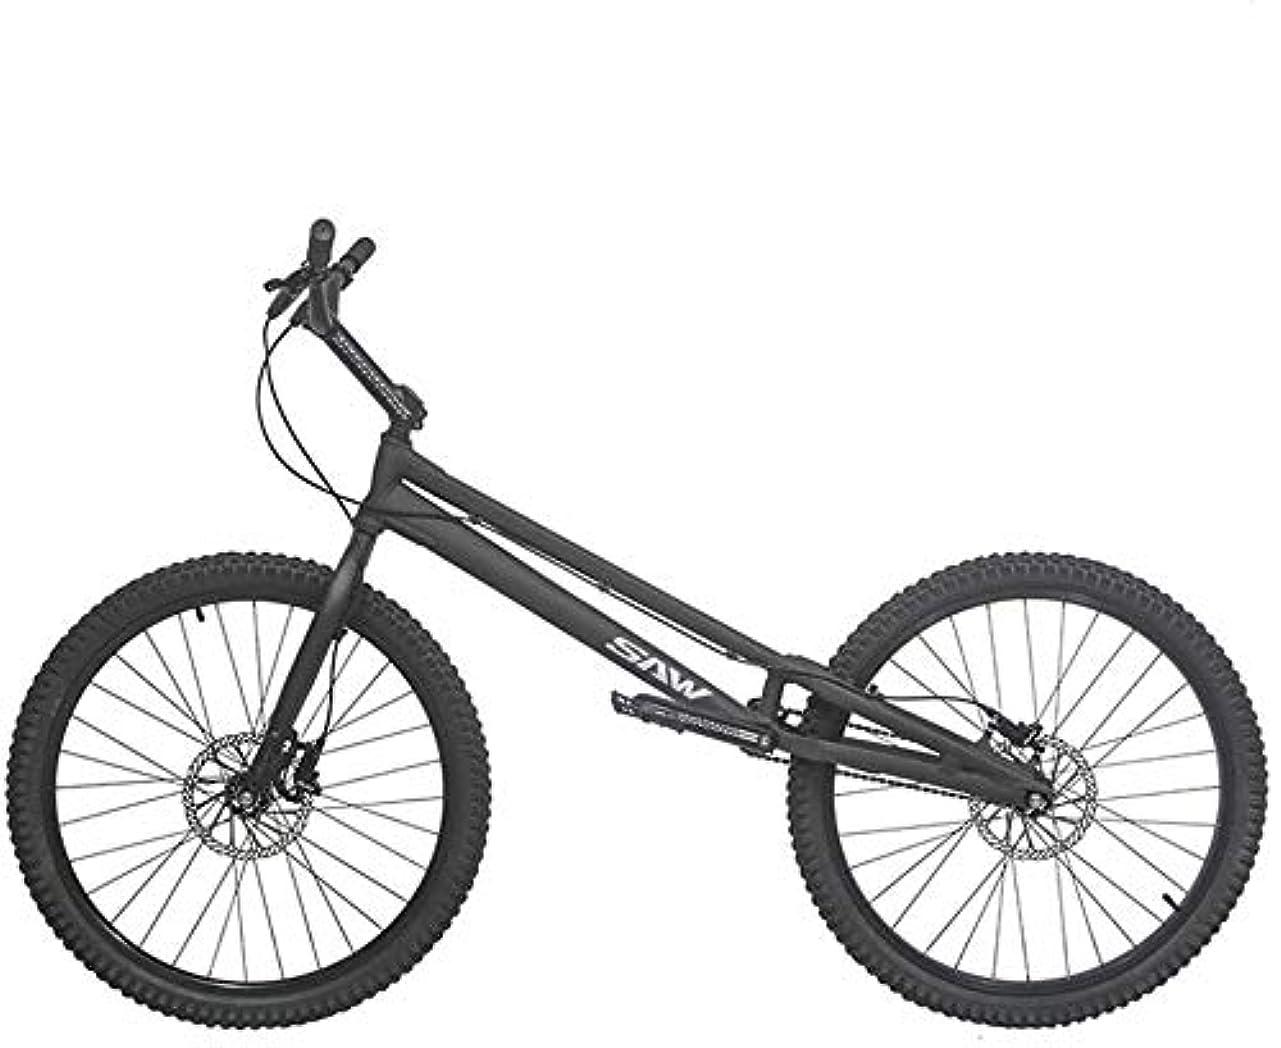 ステレオ例面倒BMX 自転車 2020 SAW-初心者から上級者までの26インチトライアルバイク/バイクトライアル、アルミニウム合金フレームとフォーク、コンプリートバイク,Black,Standard version